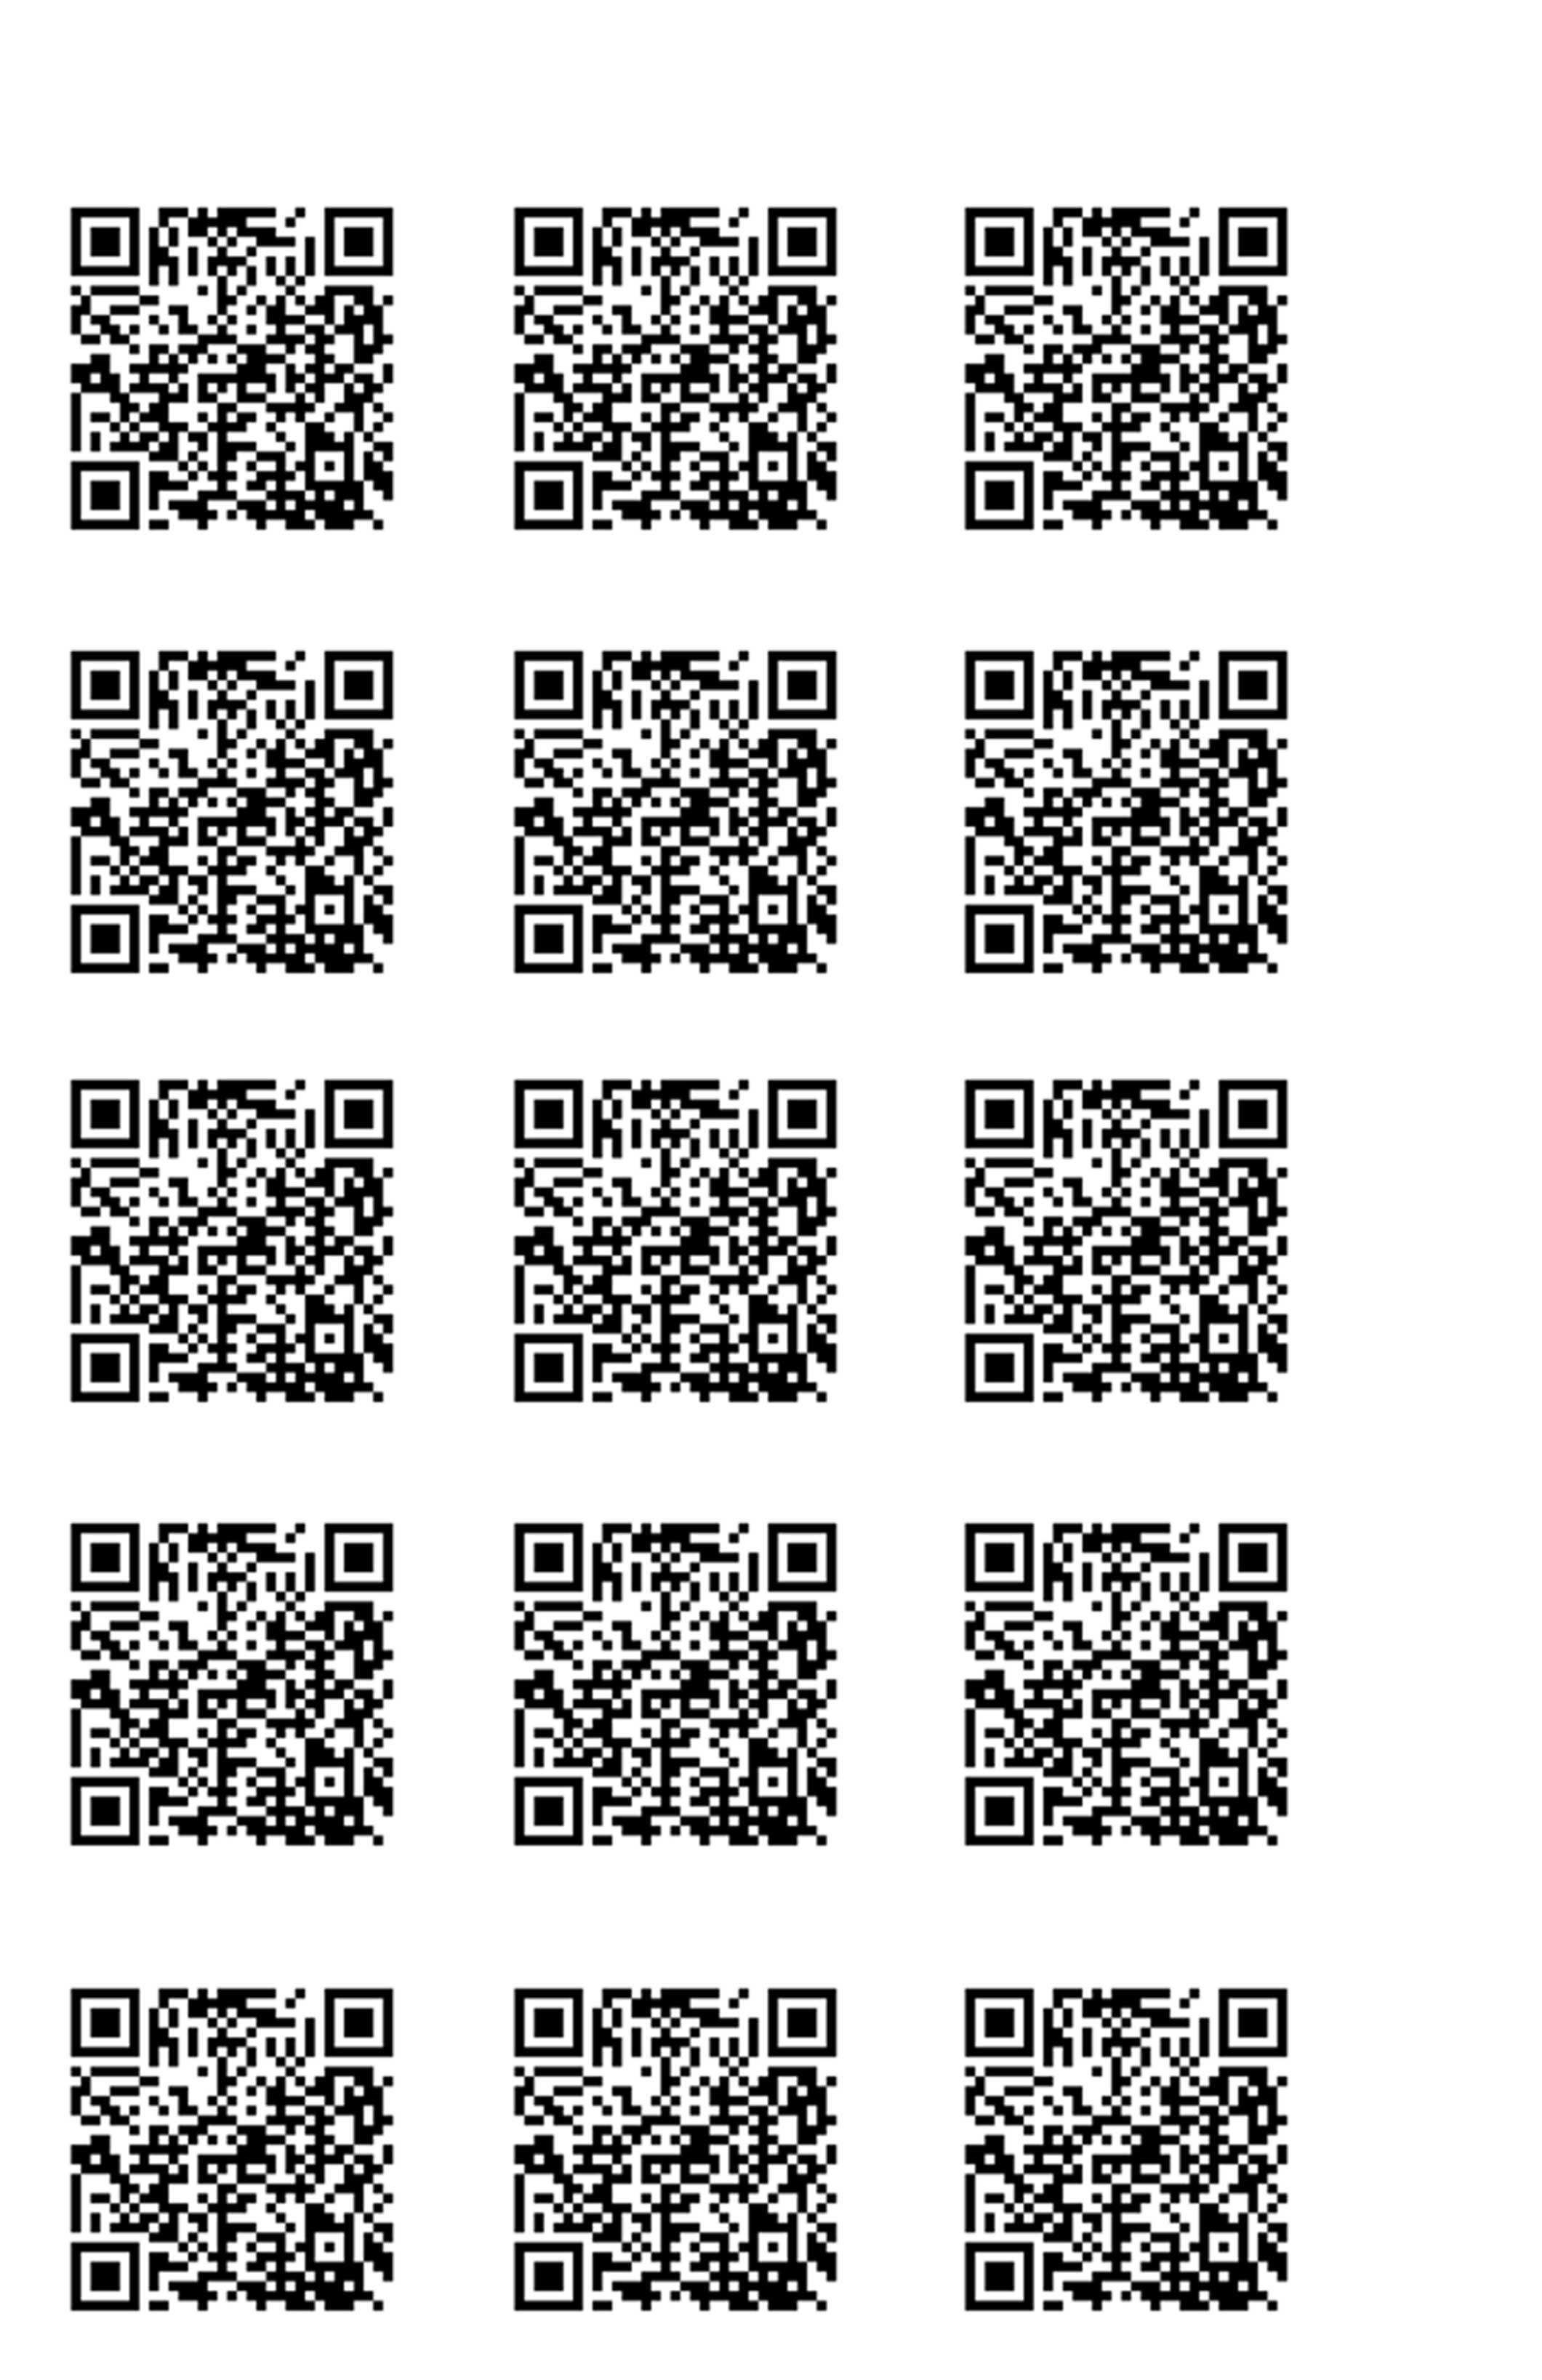 Le Jeune moderne.RFID Sans contact-Autocollants 64mm QR CODE 2D repositionnables-Un simple autocollantQR CODE et votre vie change. Nous codons et imprimons sur étiquettes autocollantesrepositionnable spéciales le QRCODE de votre menu ou de tout autre lien internet, page Facebook, etc...Si vous n'avez pas de menu en ligne, nous nouschargeons de tout.4 Planches A4 de 12 étiquettes. Soit au total 48 étiquettes rondes 64mm QR 2DLivraison en quelques jours par LA POSTE.Cliquez ici pour tout savoir sur ce serviceou contactez nous au 06.77.81.36.47 par SMS, nous vous contacterons pour répondre à toutes vos questions.